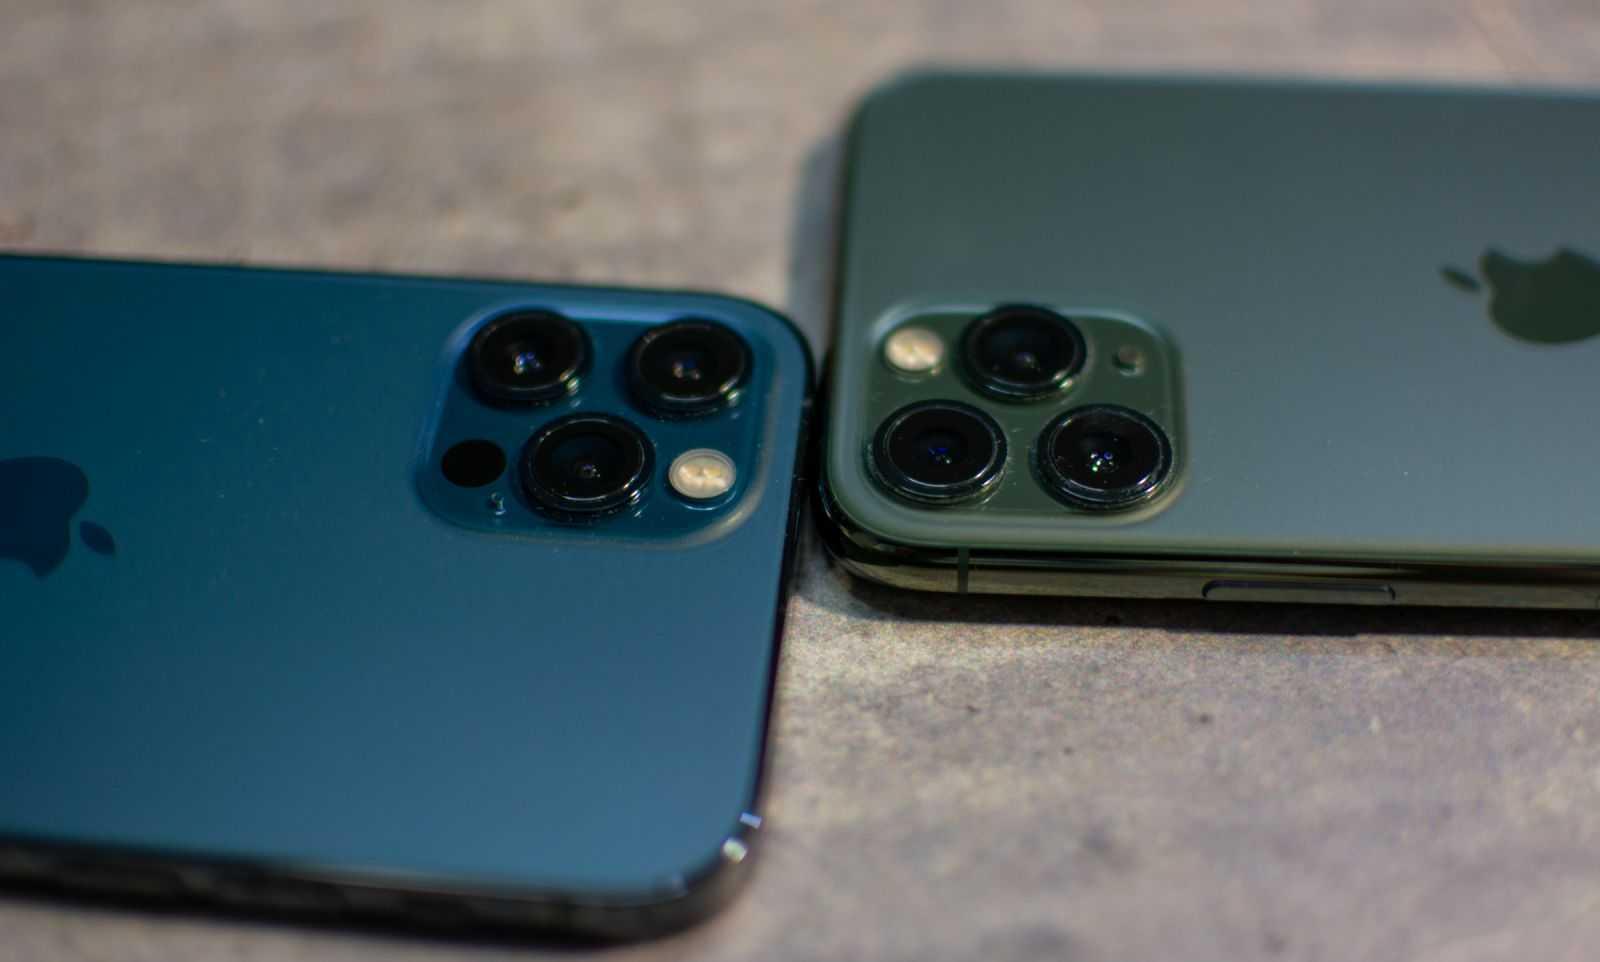 Обзор iPhone 12 Pro: мой любимый размер и цвет (DSC 9898 1)